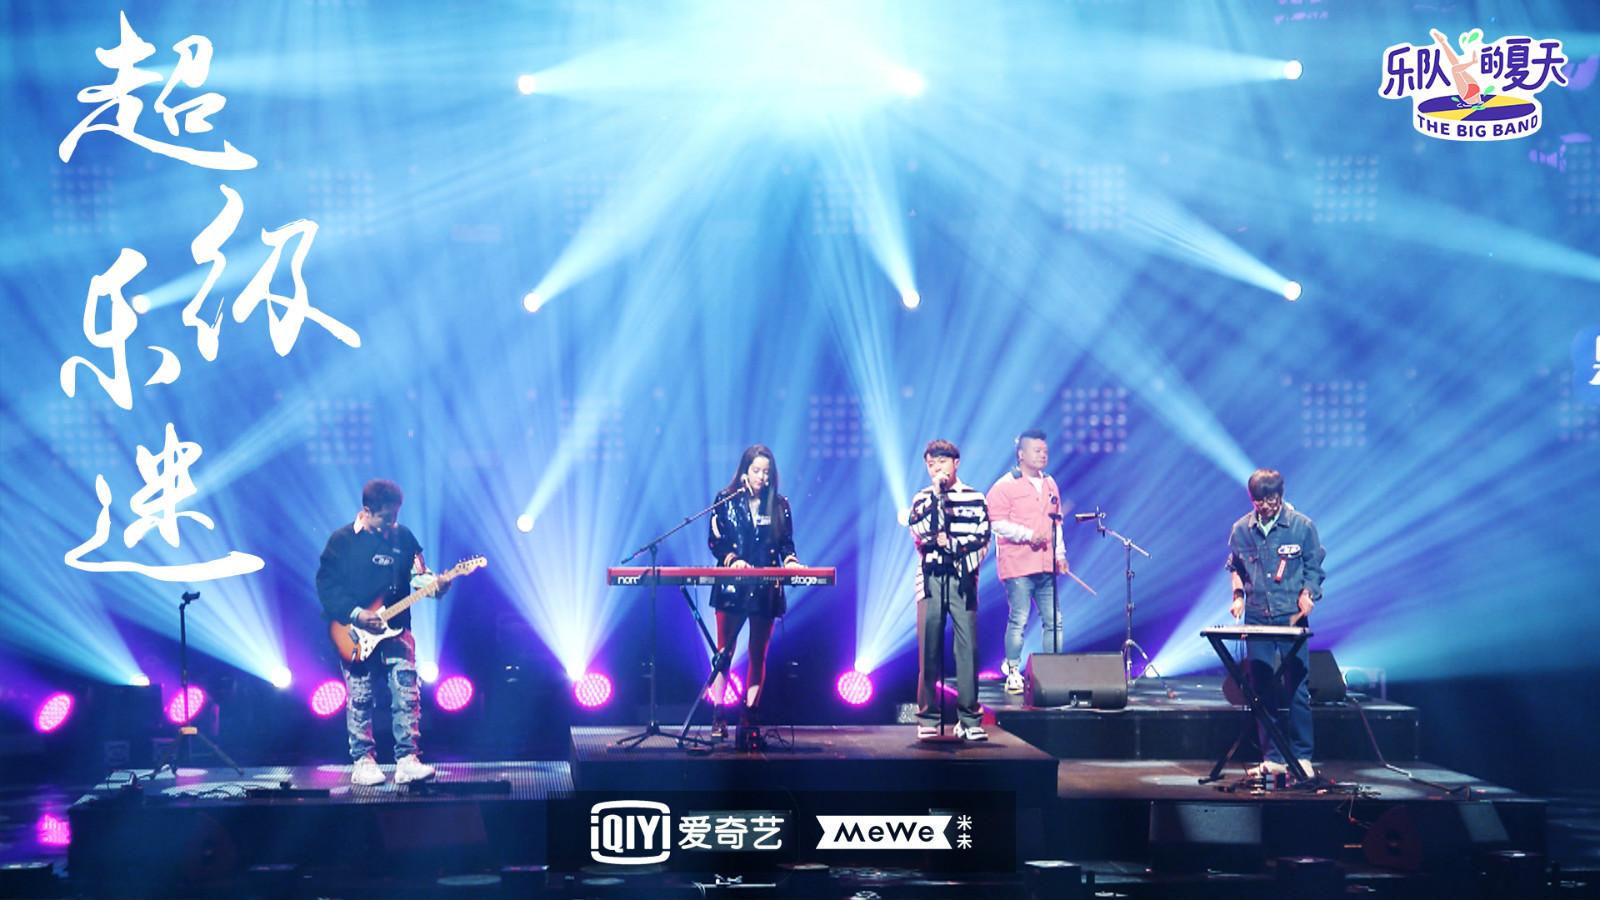 《乐队的夏天》欧阳娜娜以乐器为友 新老乐队争夺8强席位